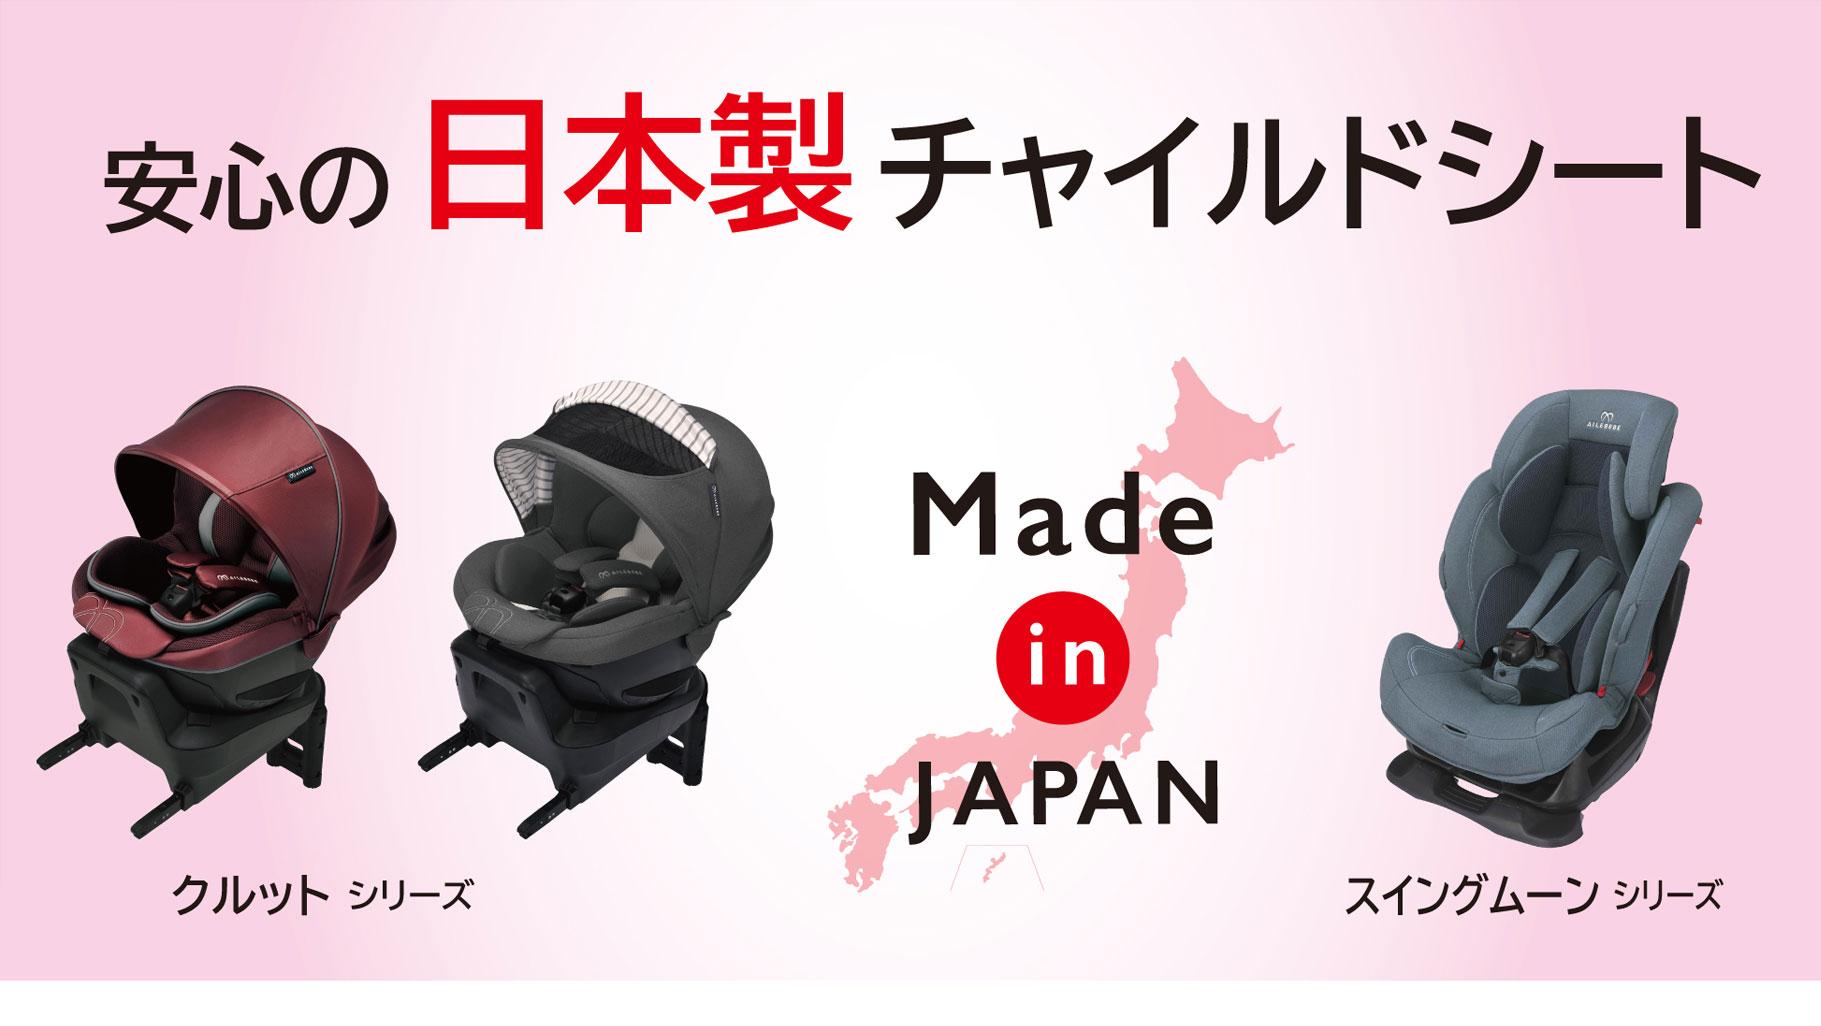 エールベベ 安心の日本製チャイルドシート